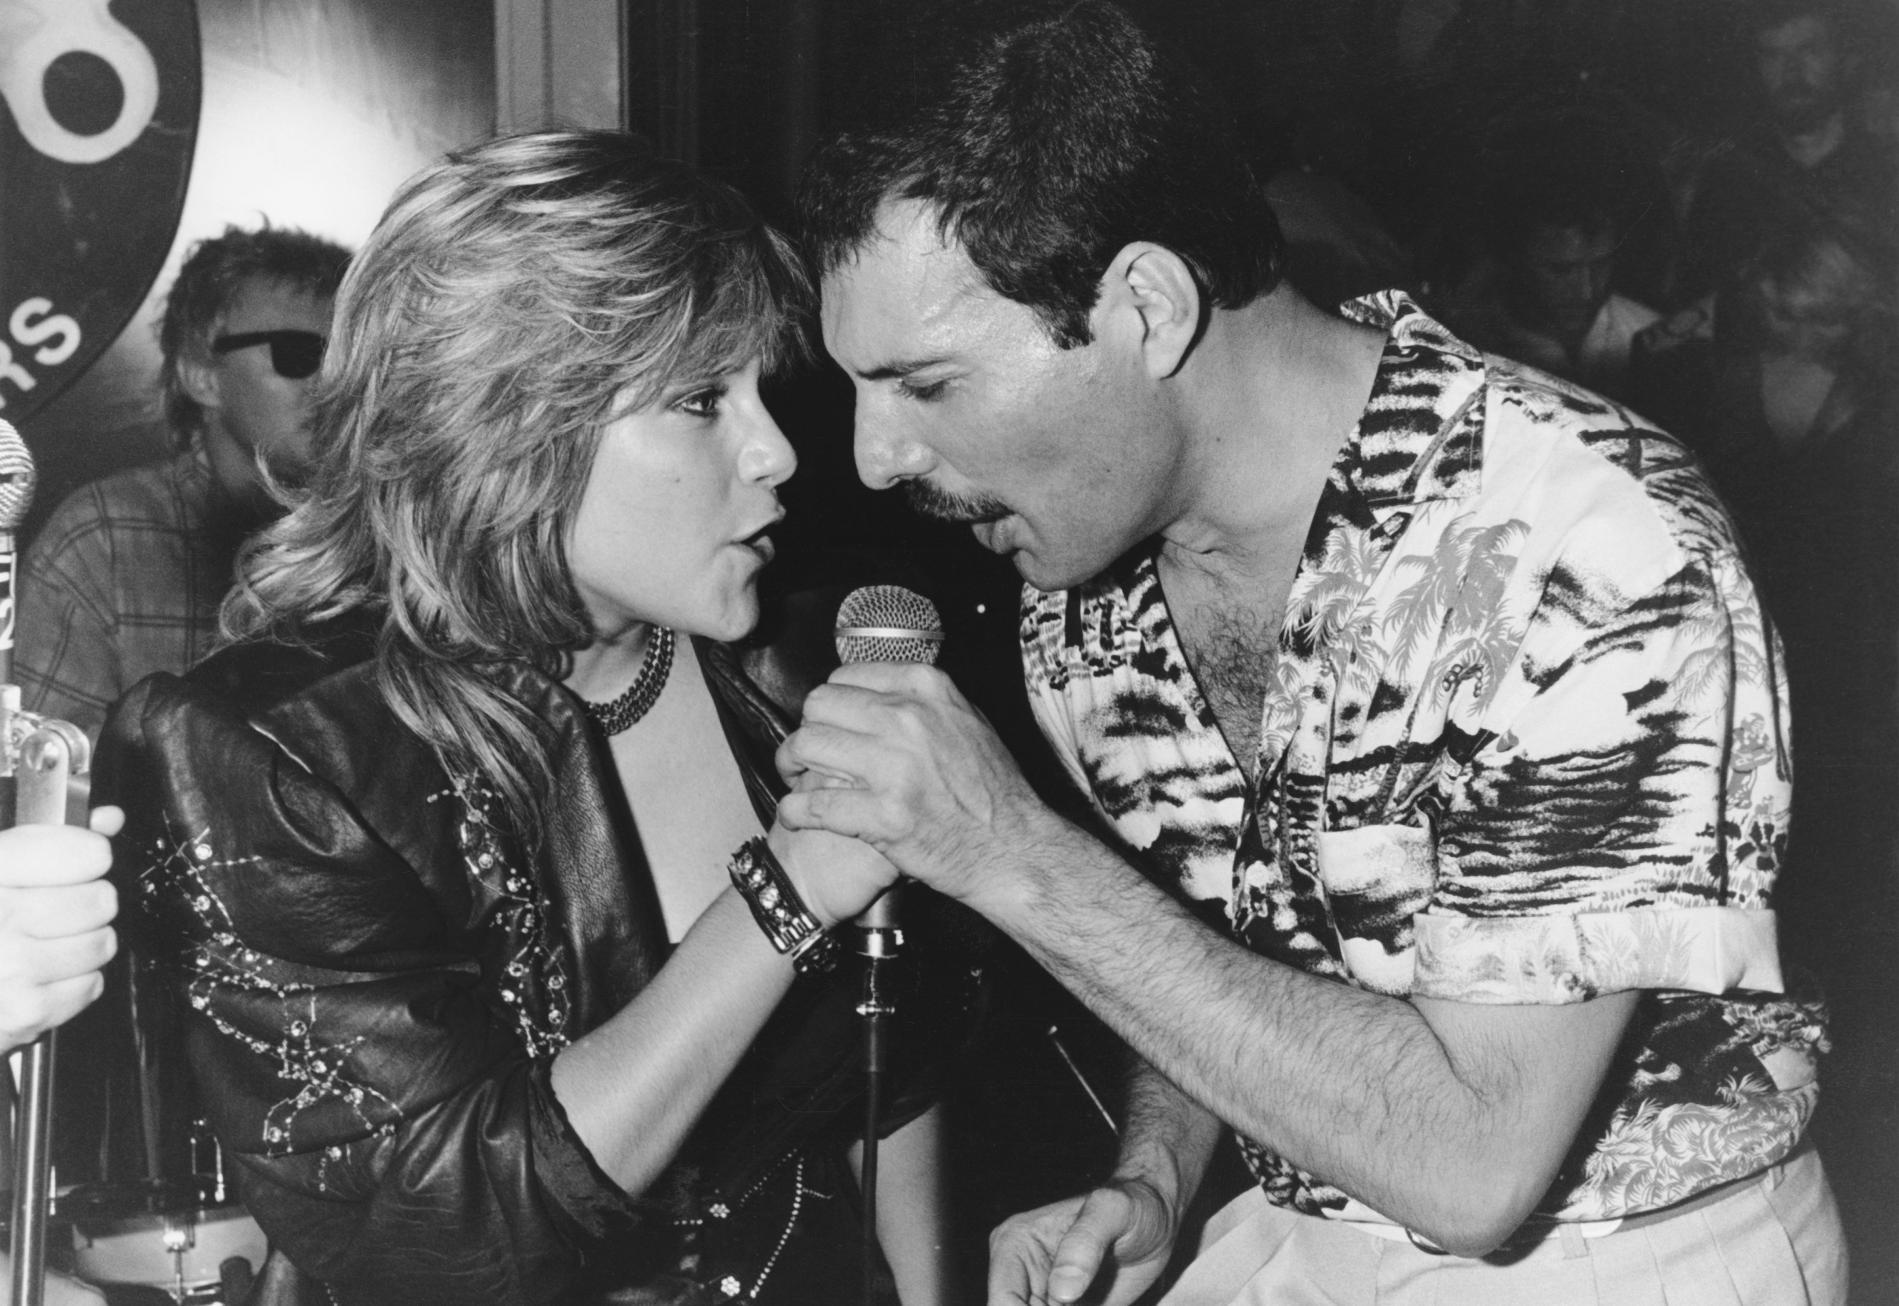 Samantha Fox et Freddie Mercury lors du mini-concert donné le 12 juillet 1986 au Kensington Roof Gardens.